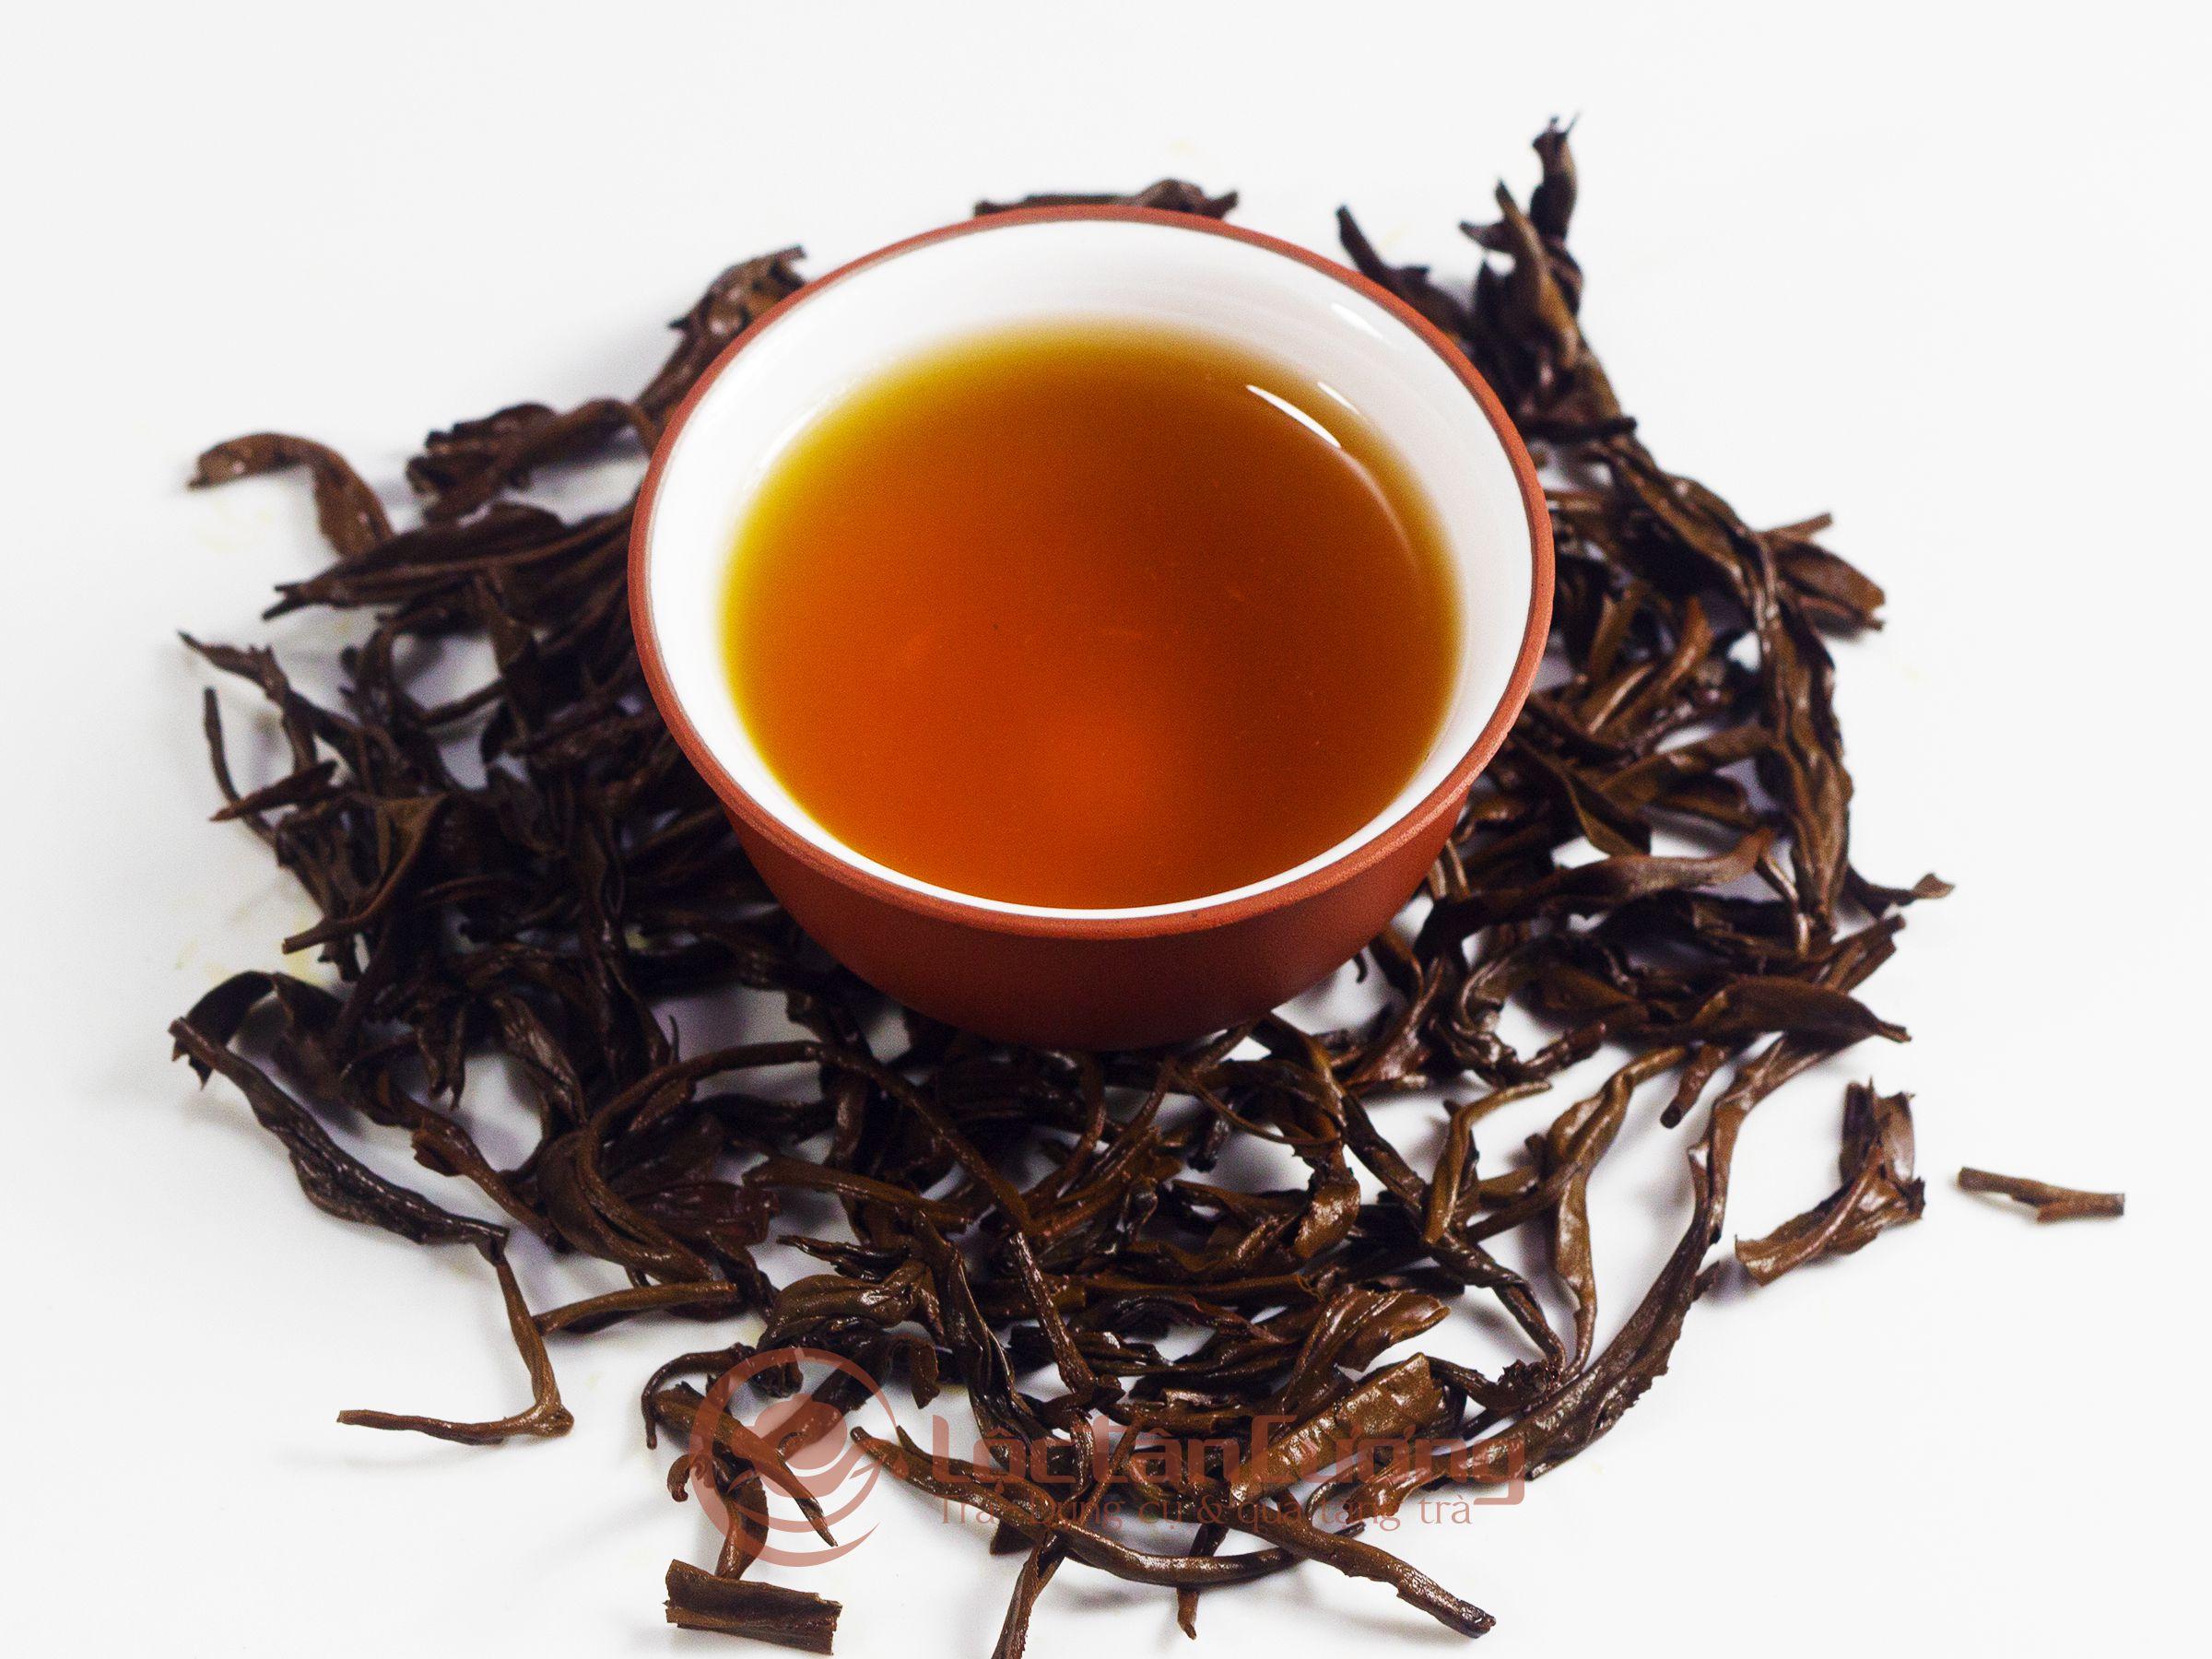 Màu nước của hồng shan trà Hà Giang là màu hổ phách, tức màu đỏ sáng, không quá đậm như những loại hồng trà khác, rất đẹp mắt.